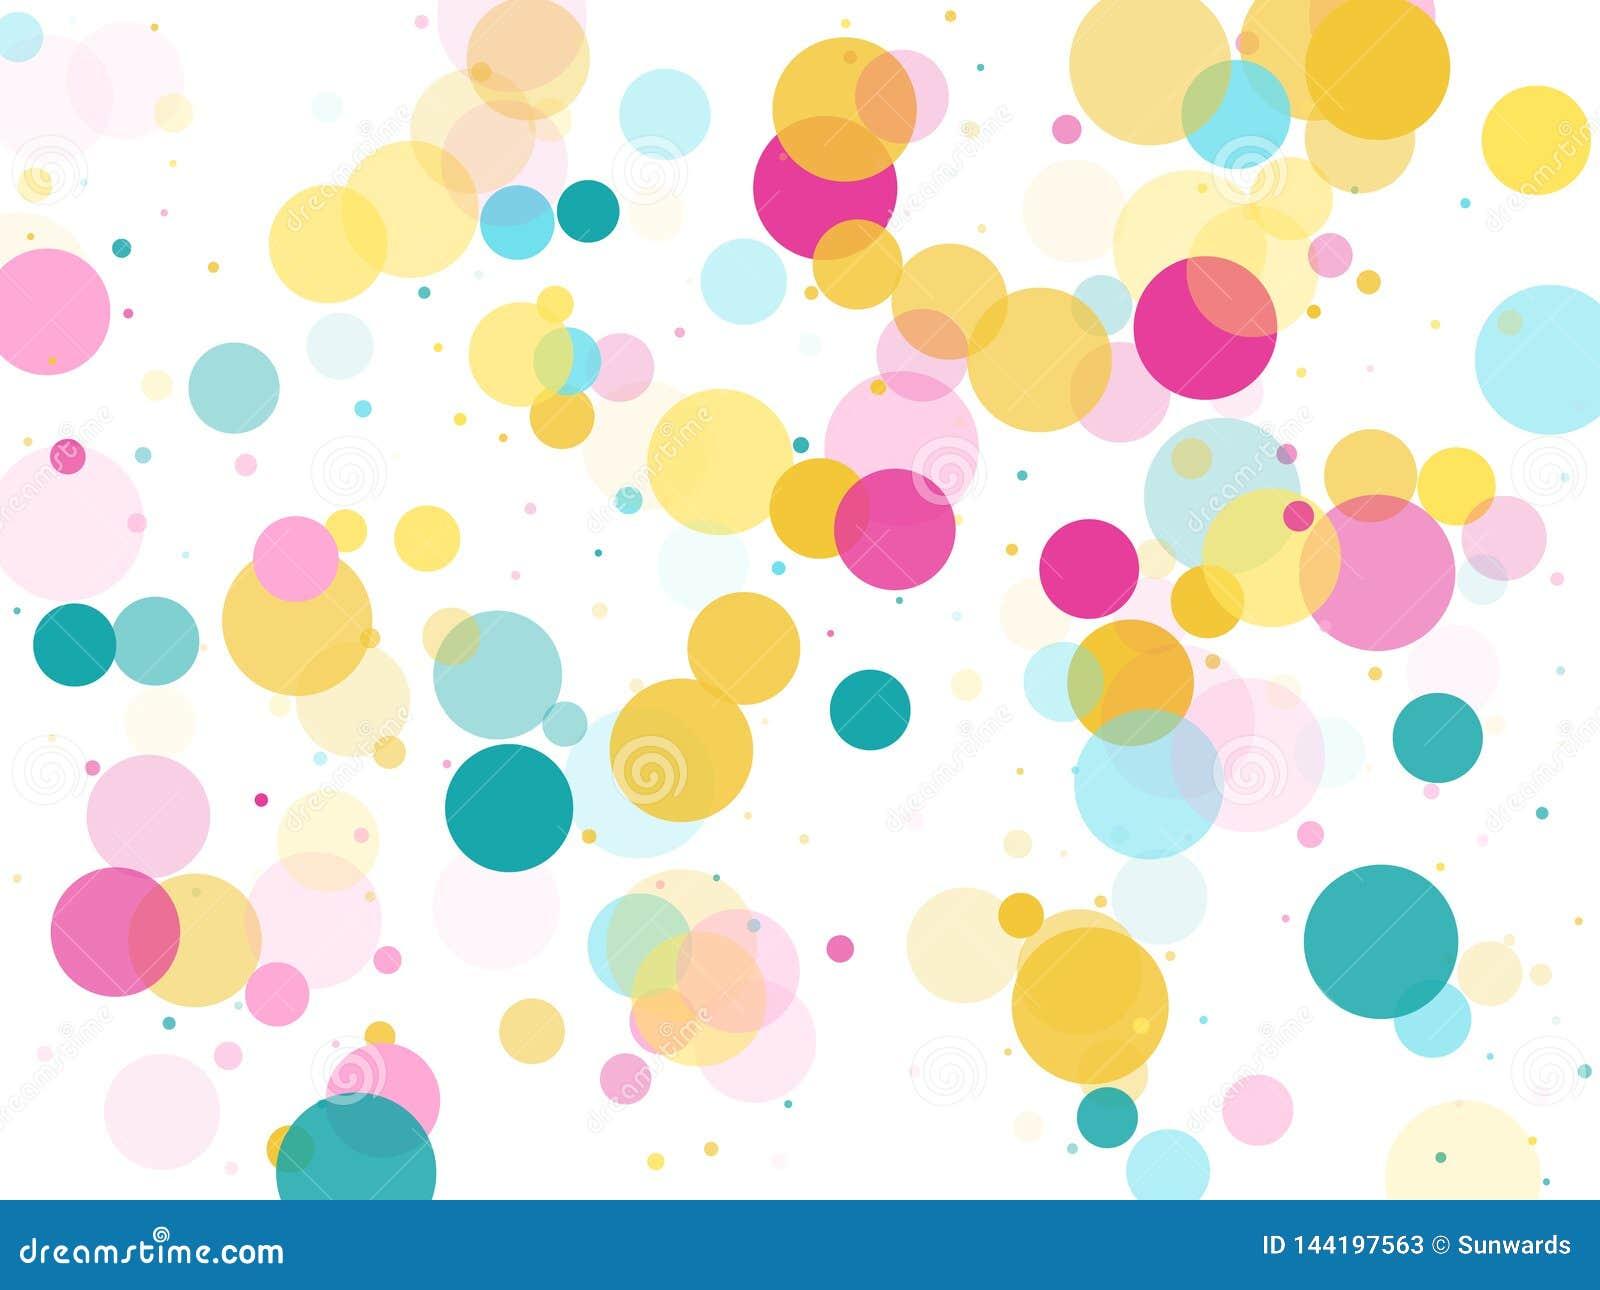 Memphis om confettien feestelijke achtergrond in cyaan blauw, roze en geel Kinderachtige patroonvector